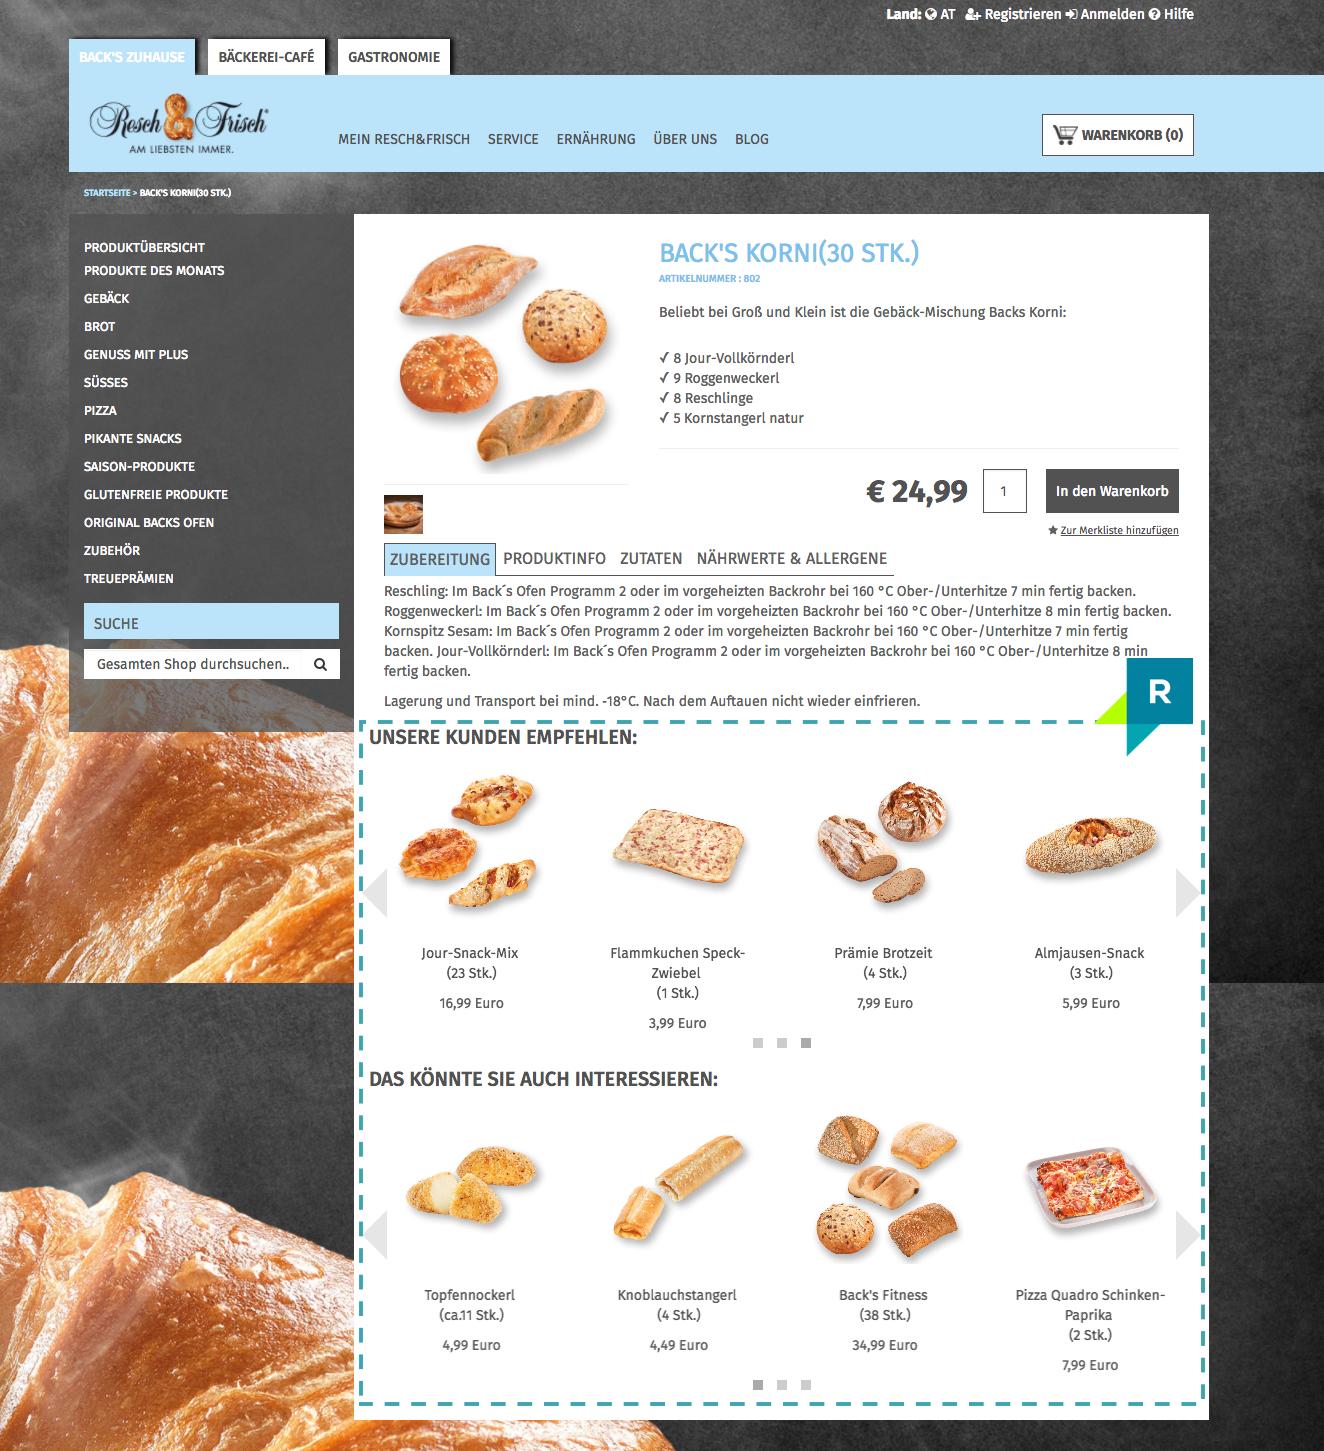 recolize-resch-und-frisch-desktop